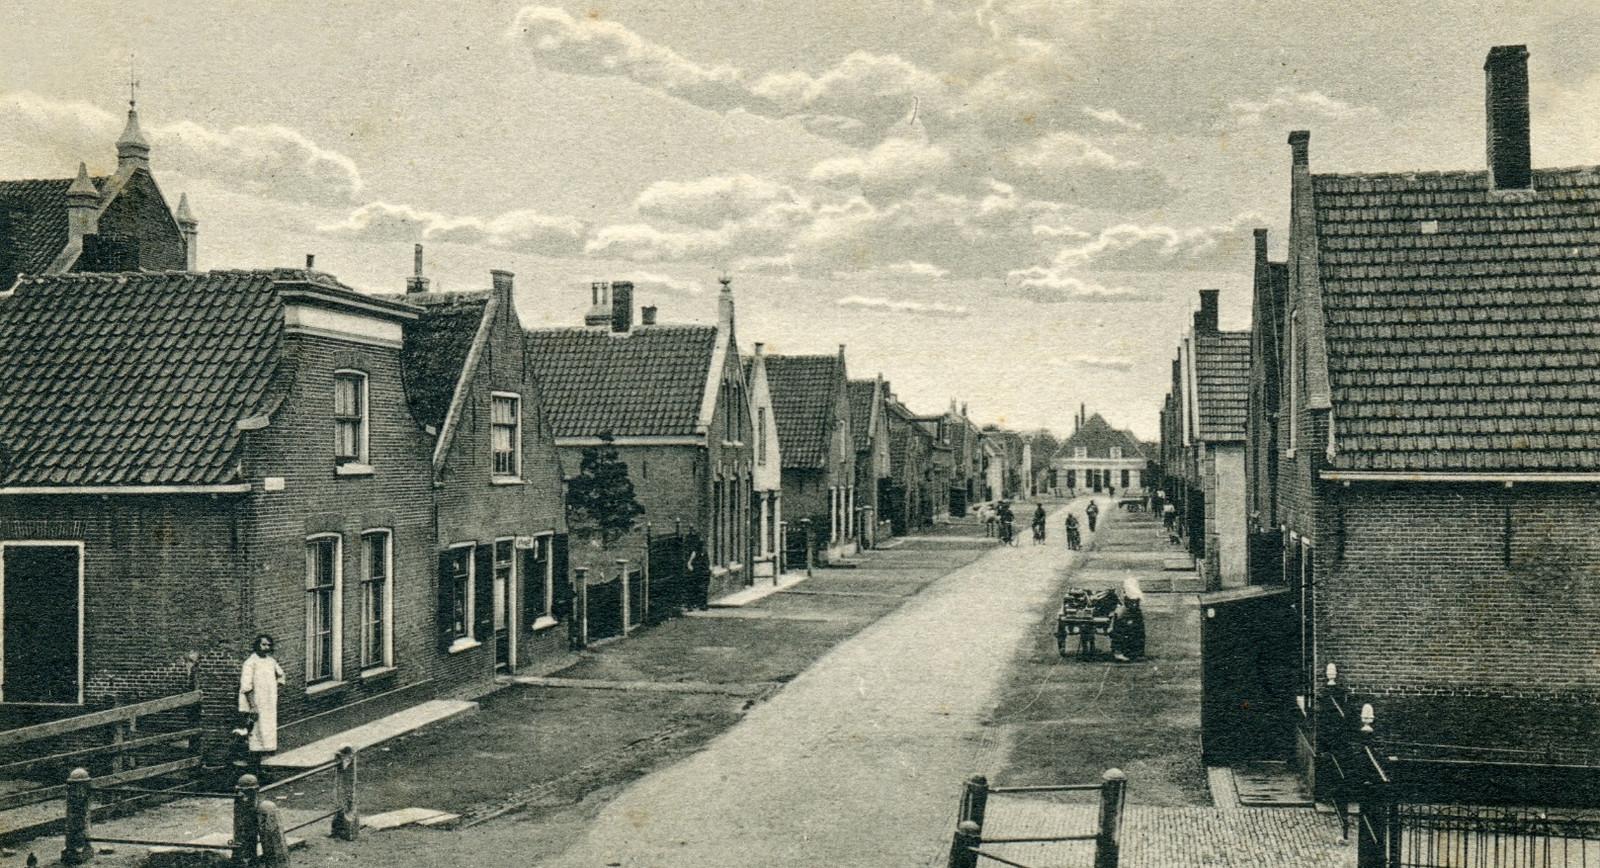 Oude foto van de Rijkestraat in 's-Gravendeel, met  helemaal links op nummer 2 het ouderlijk huis van Corrie Baars.